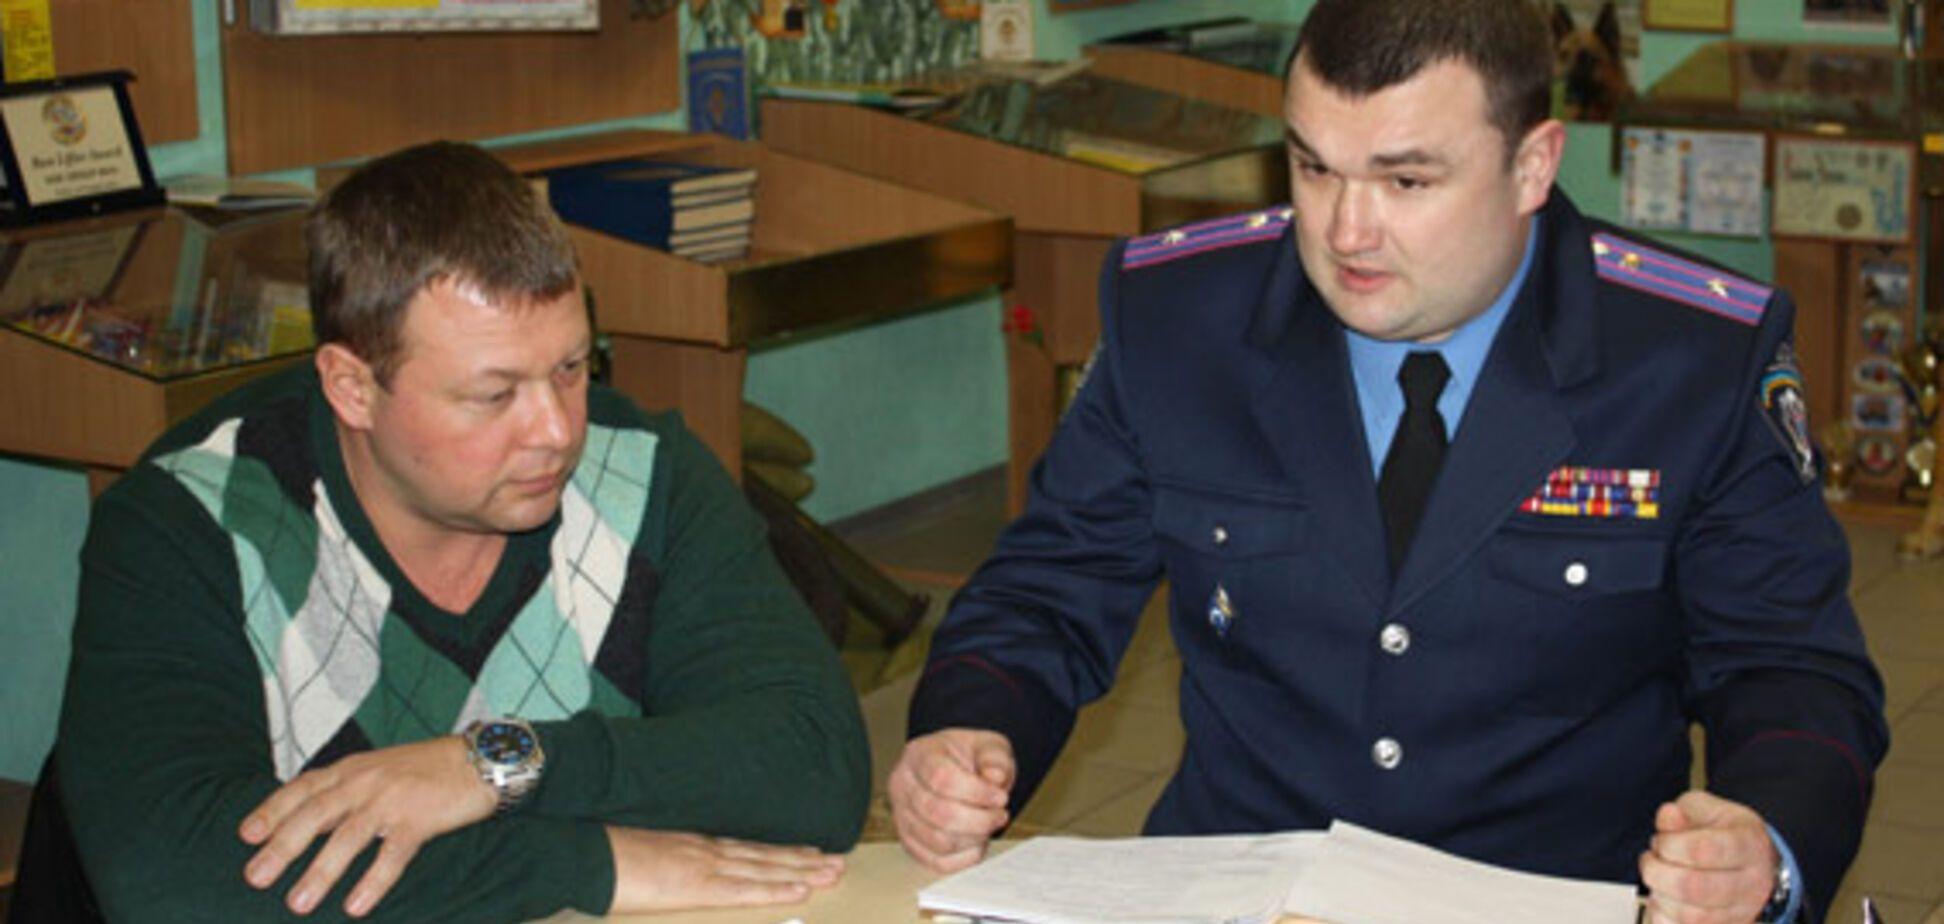 Дело сына экс-замминистра Евдокимова: обнародовано первое решение суда